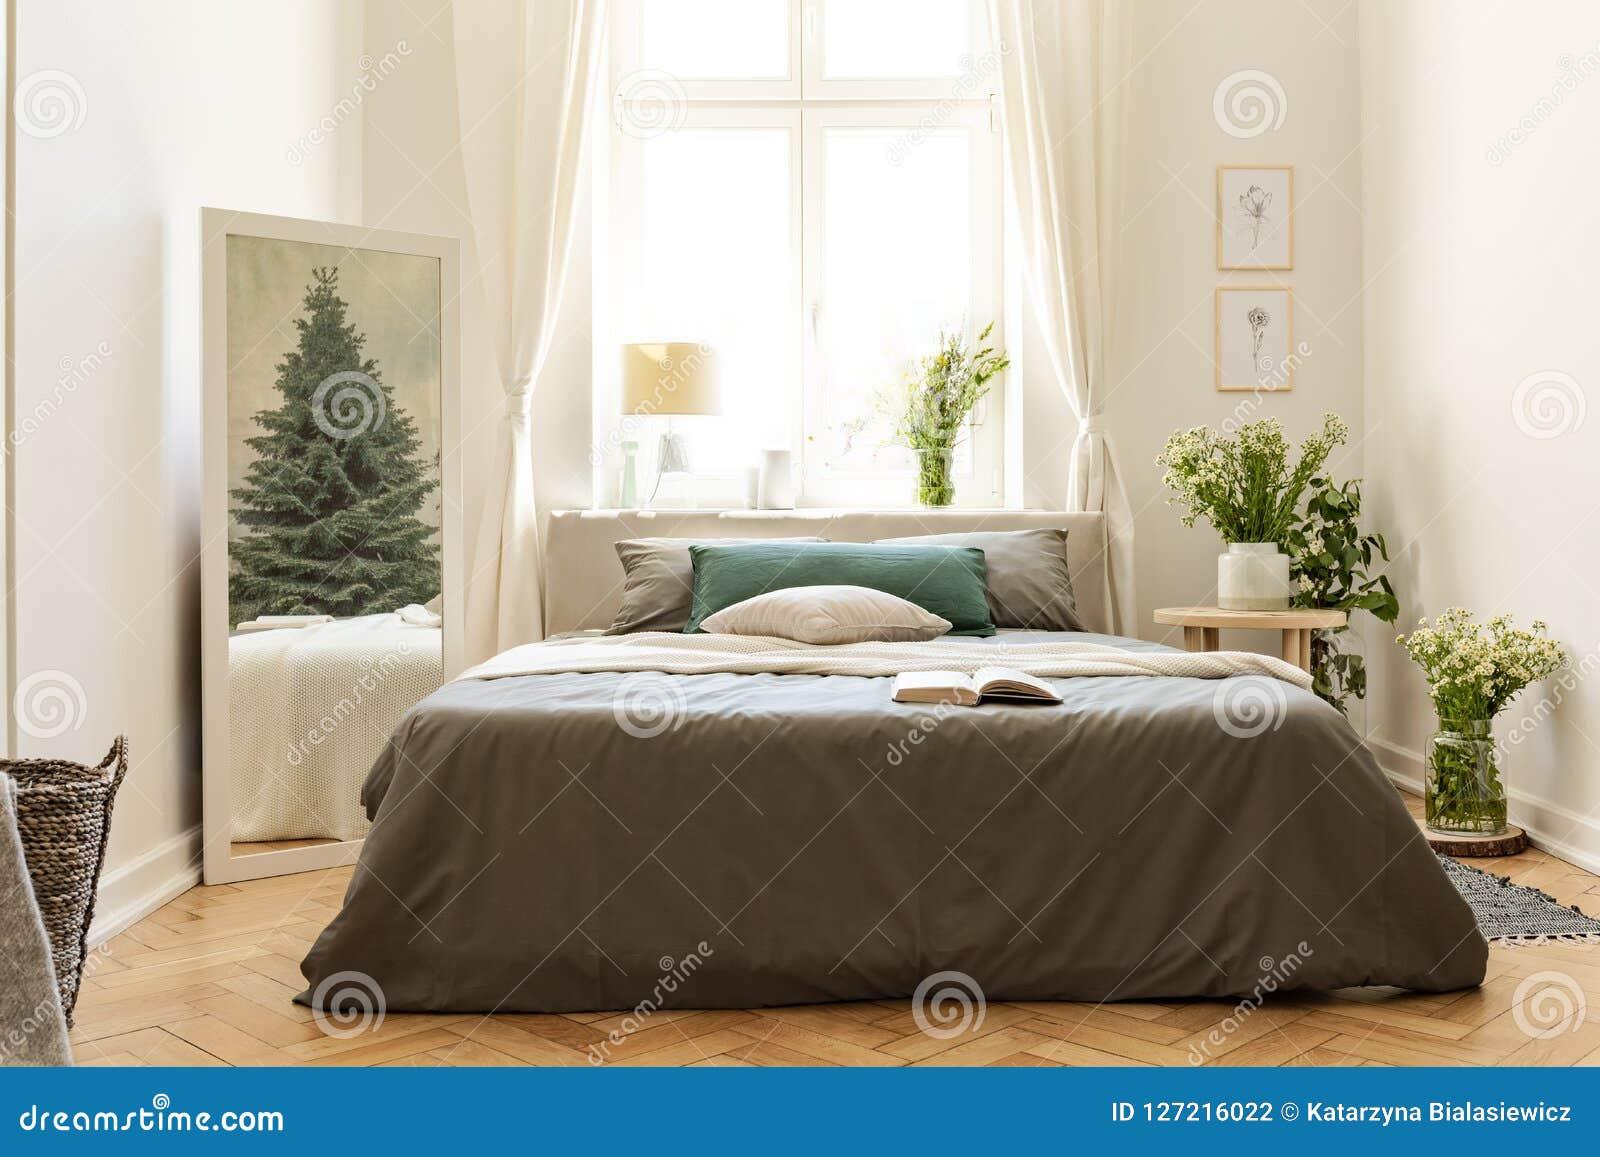 Gästhemsovruminre med en säng, grupper av lösa blommor och en vintergrön trädreflexion i spegeln Verkligt foto